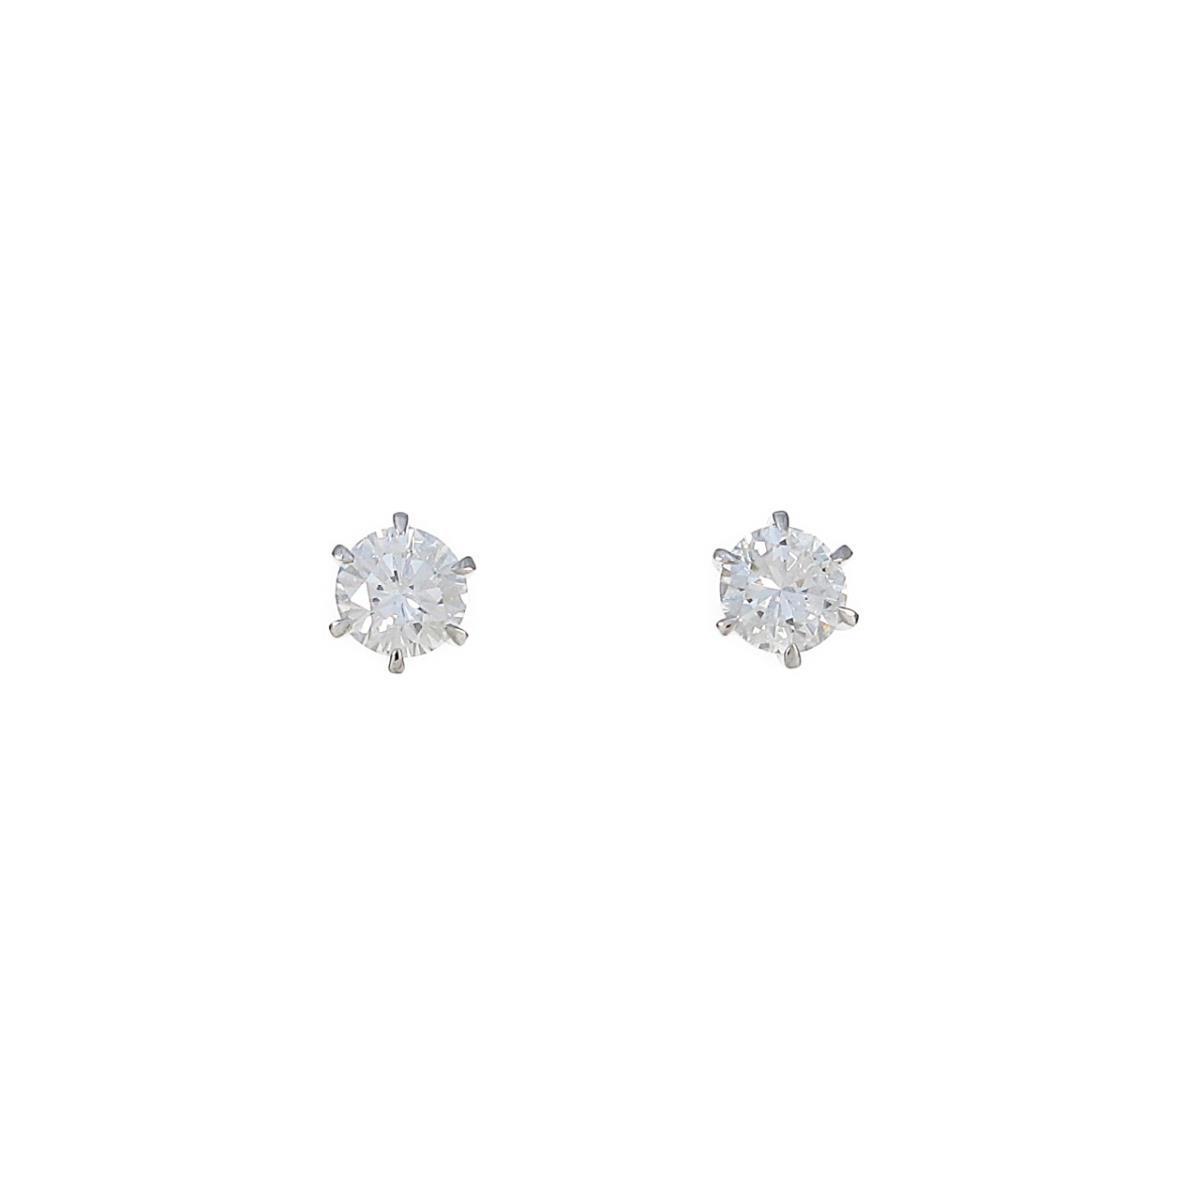 【リメイク】ST/プラチナダイヤモンドピアス 0.501ct・0.516ct・G・VVS2・VG-GOOD【中古】